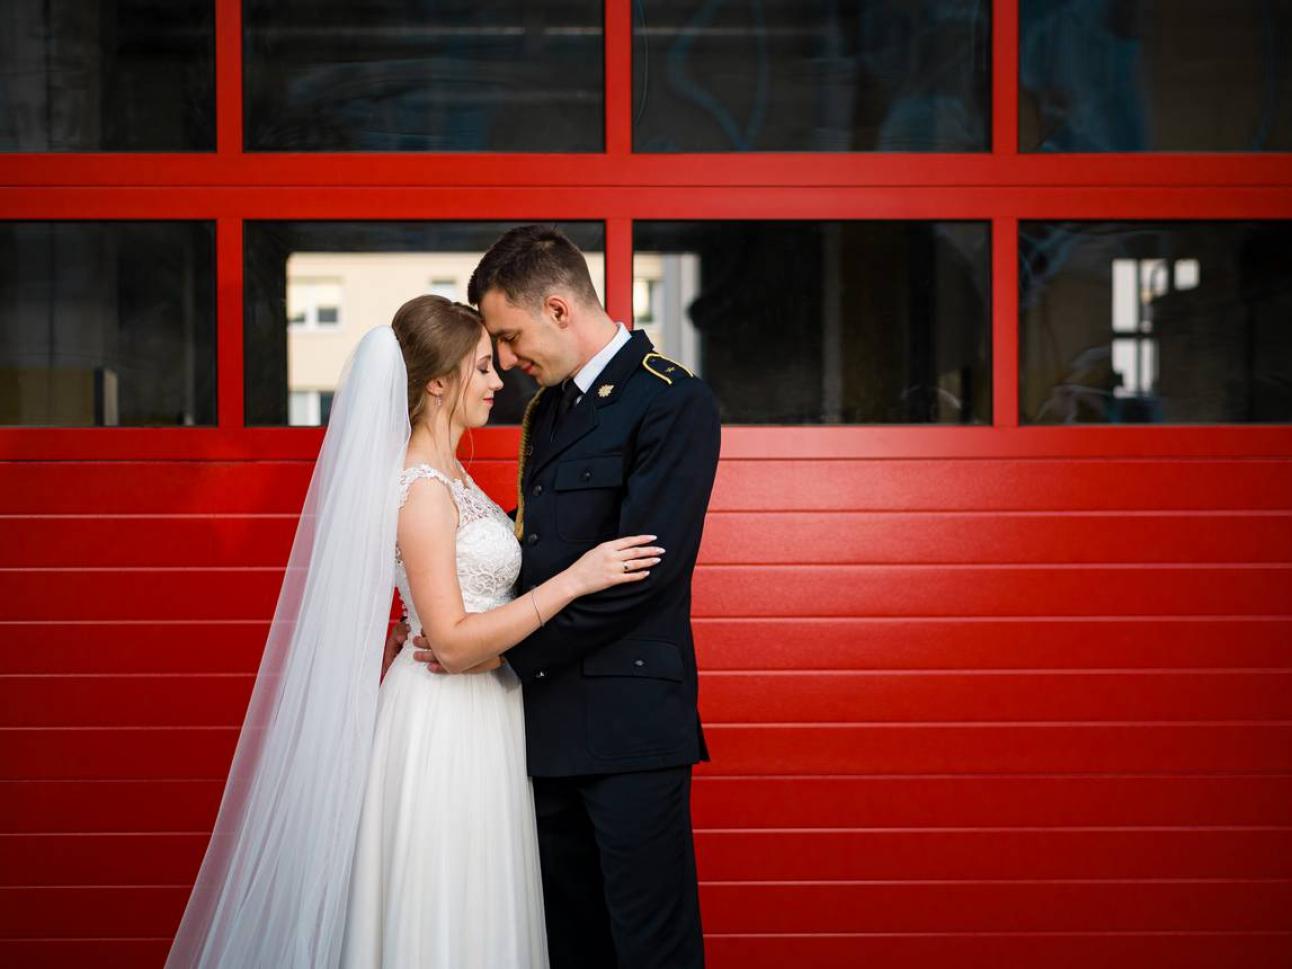 Para Młoda na tle czerwonych drzwi straży pożarnej